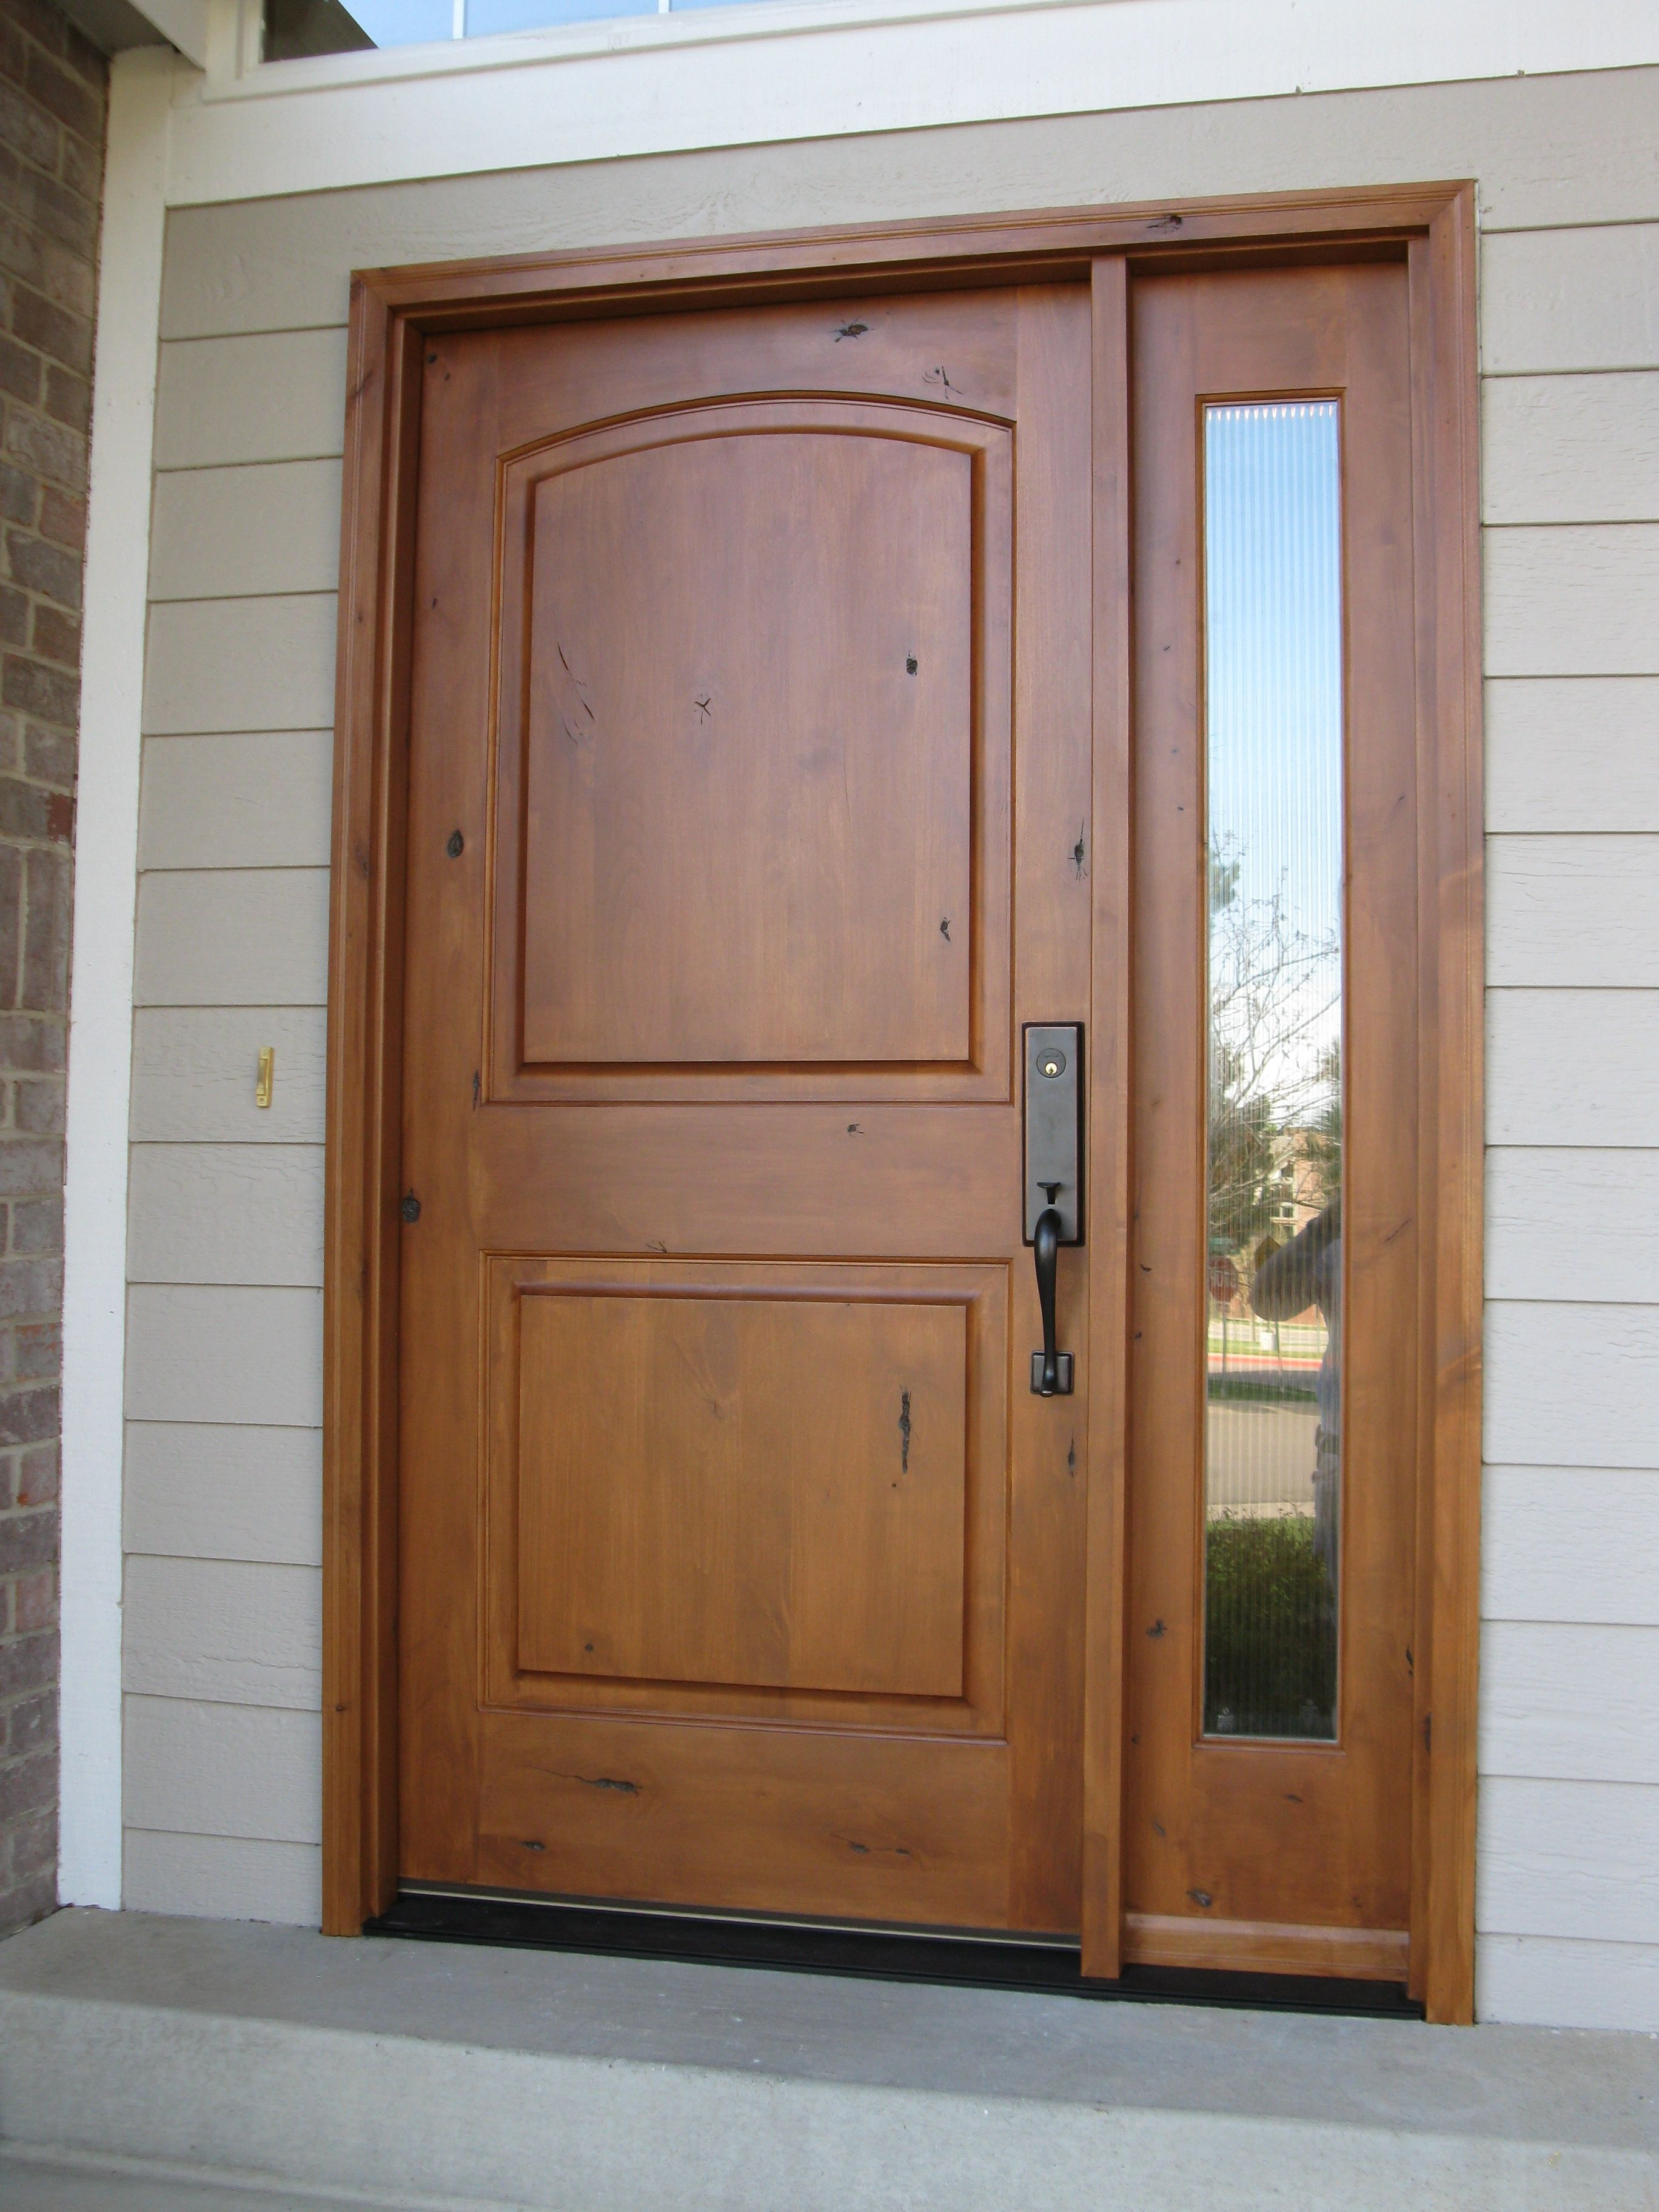 Best Wood For Exterior Door Frame Httpthefallguyediting